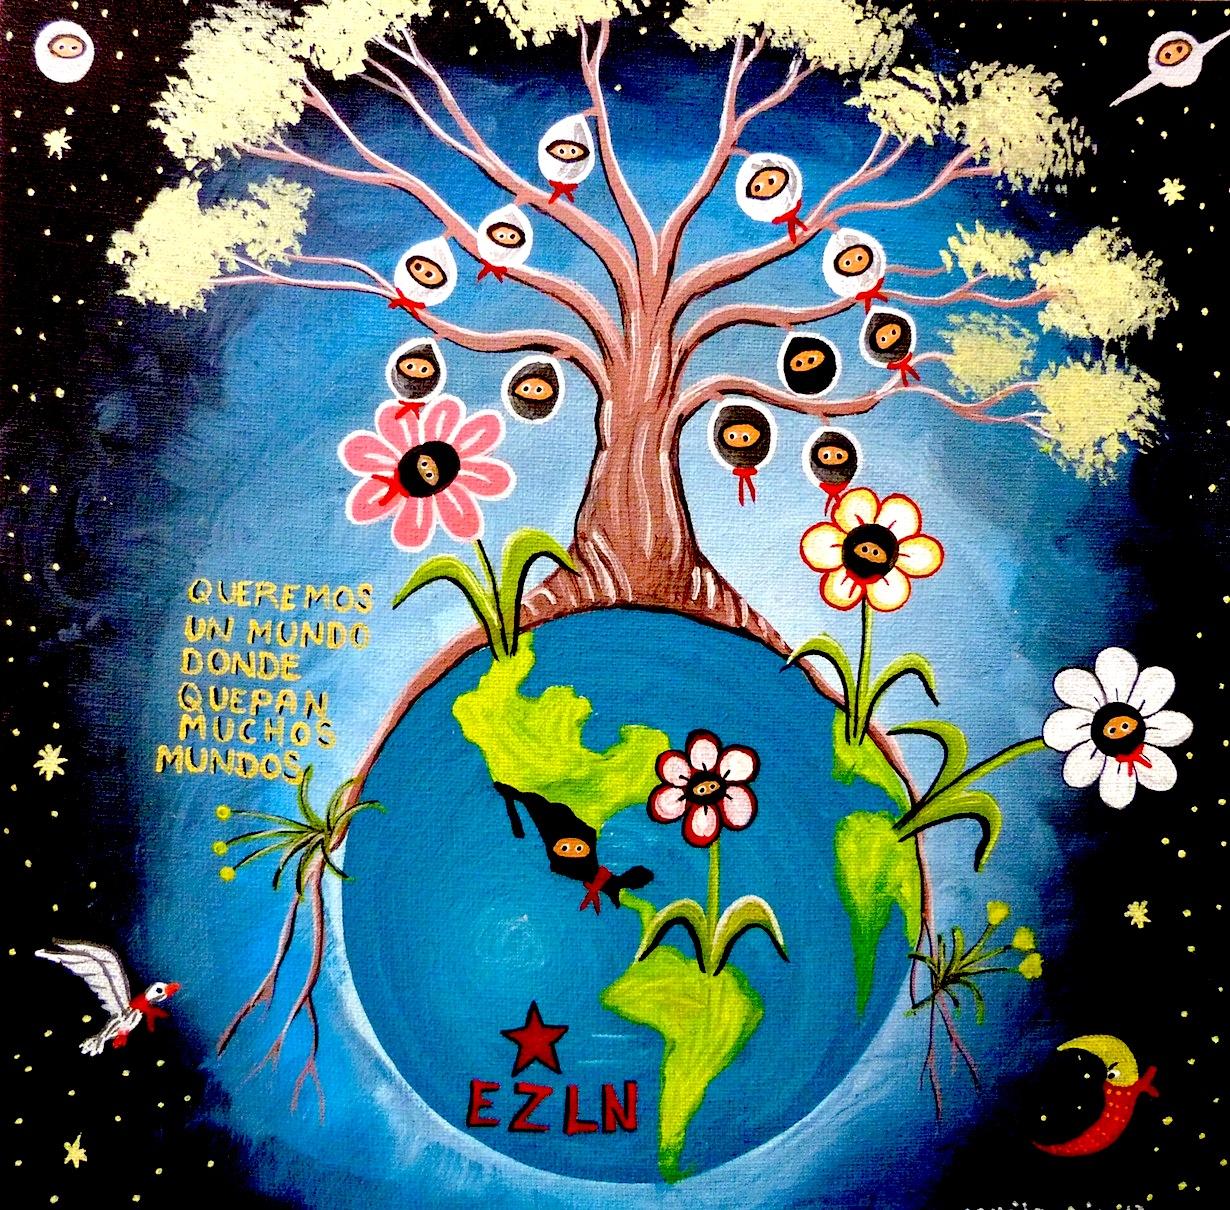 Espacio ciudadano por plasencia ecxp for Mural zapatista